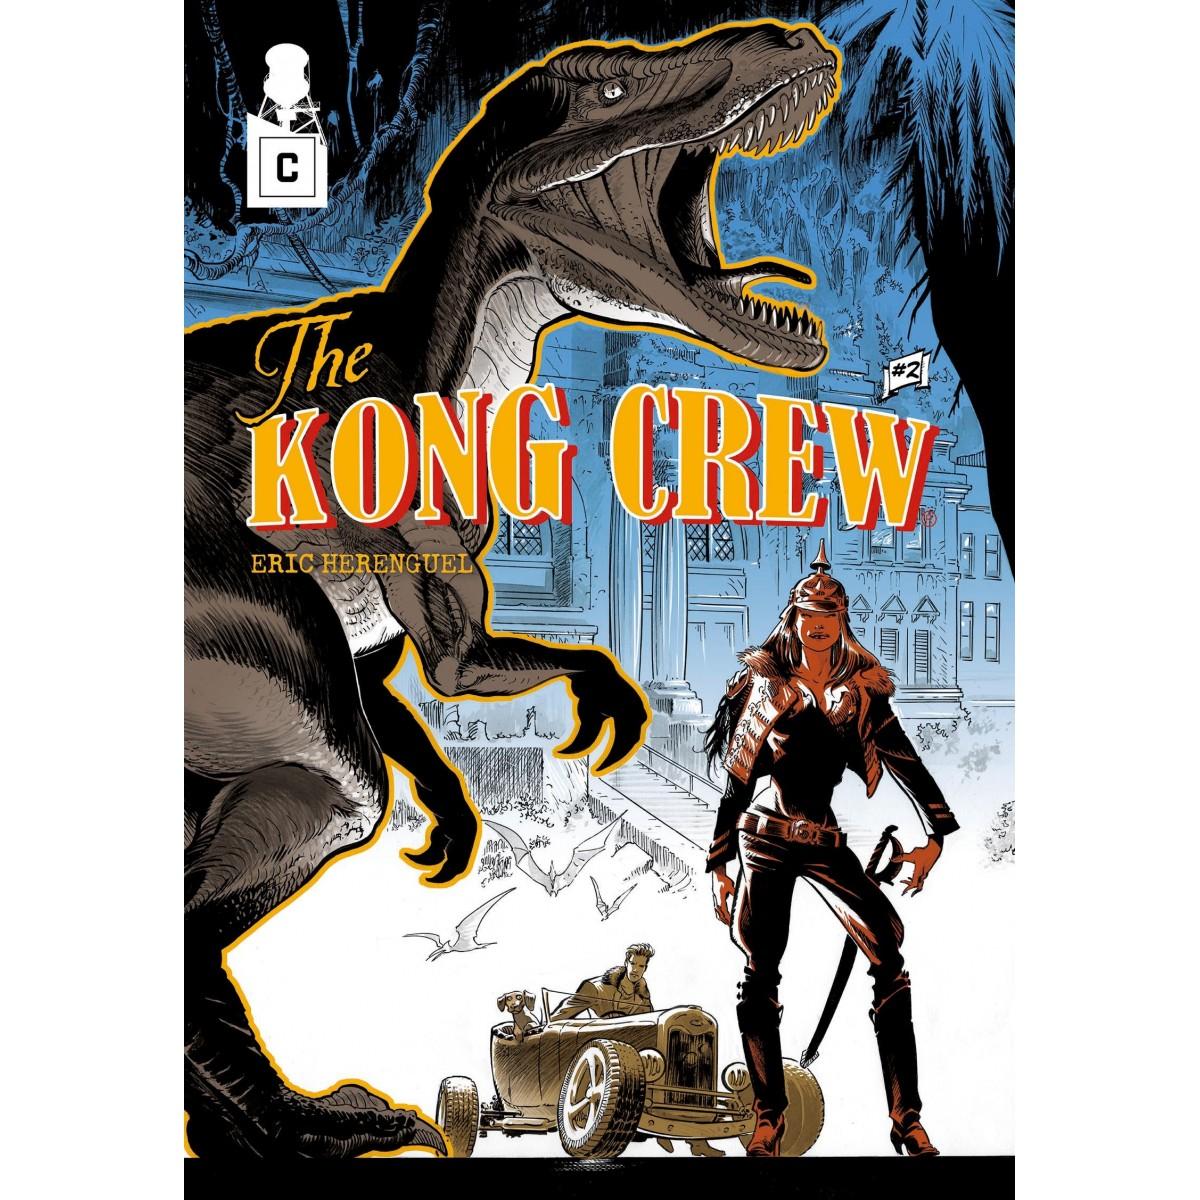 Eric Hérenguel - The KONG CREW - Ep 2